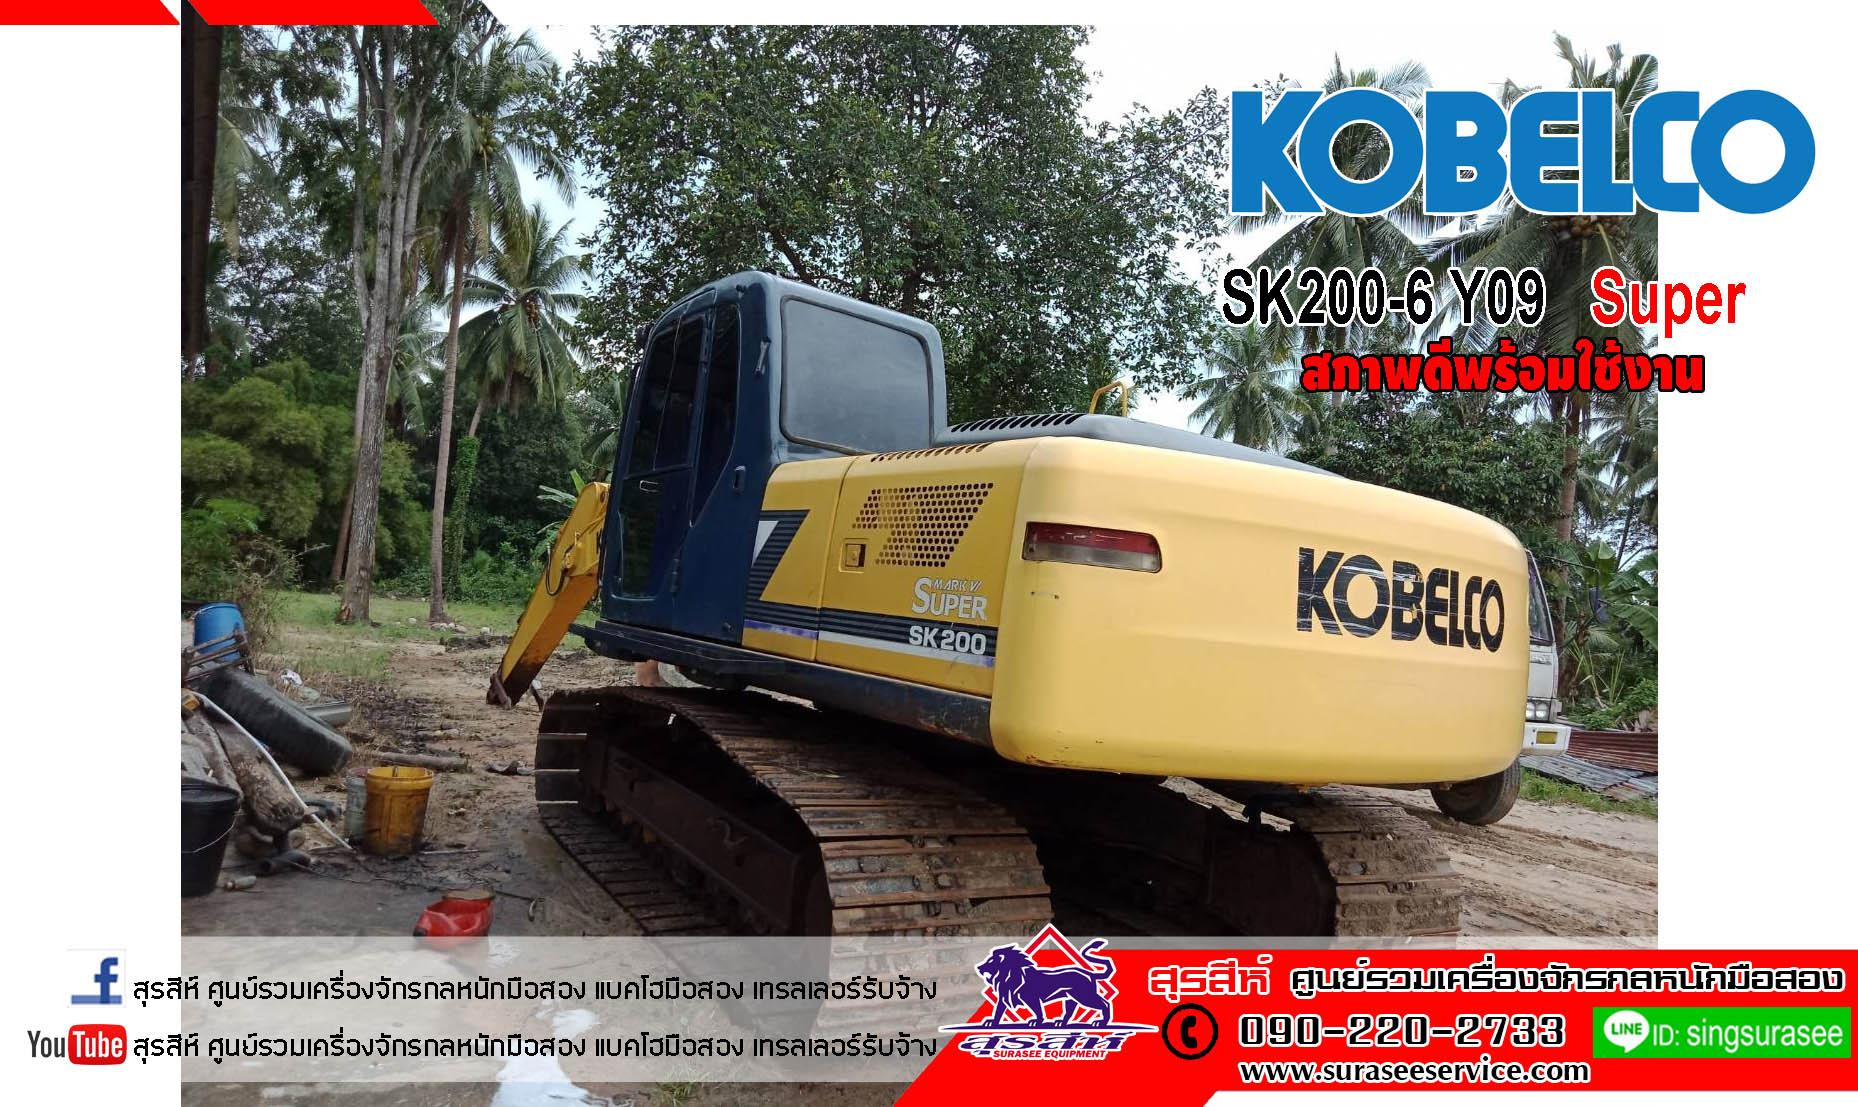 แม็คโครมือสอง KOBELCO SK200-6 YN09 Super สภาพดี พร้อมใช้งาน